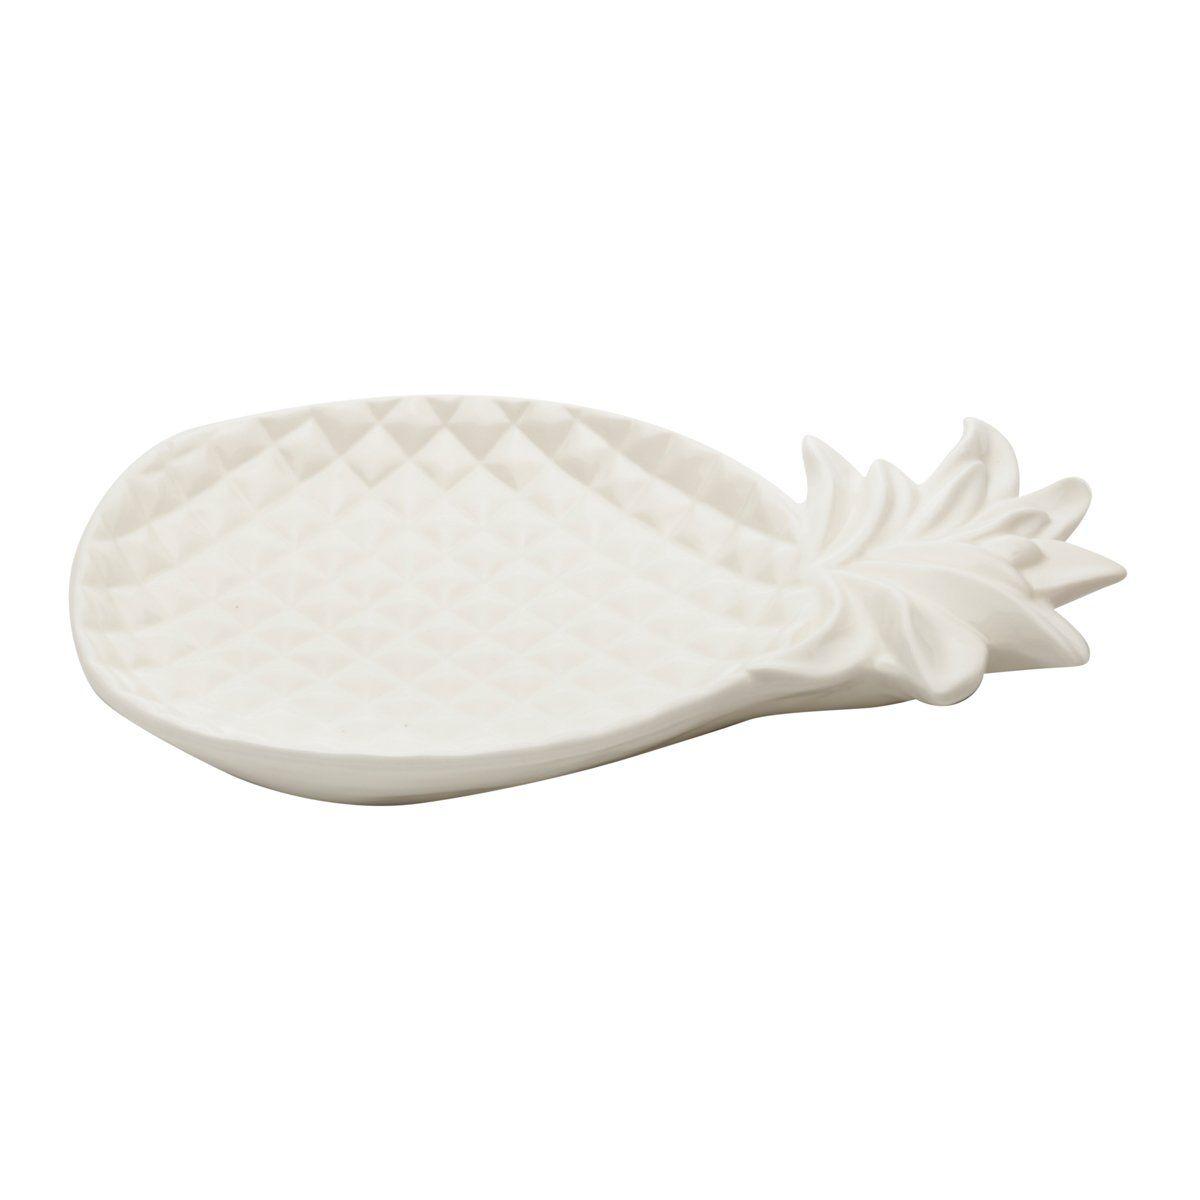 Travessa decorativa 32 cm de cerâmica branca Abacaxi Lyor - L64046